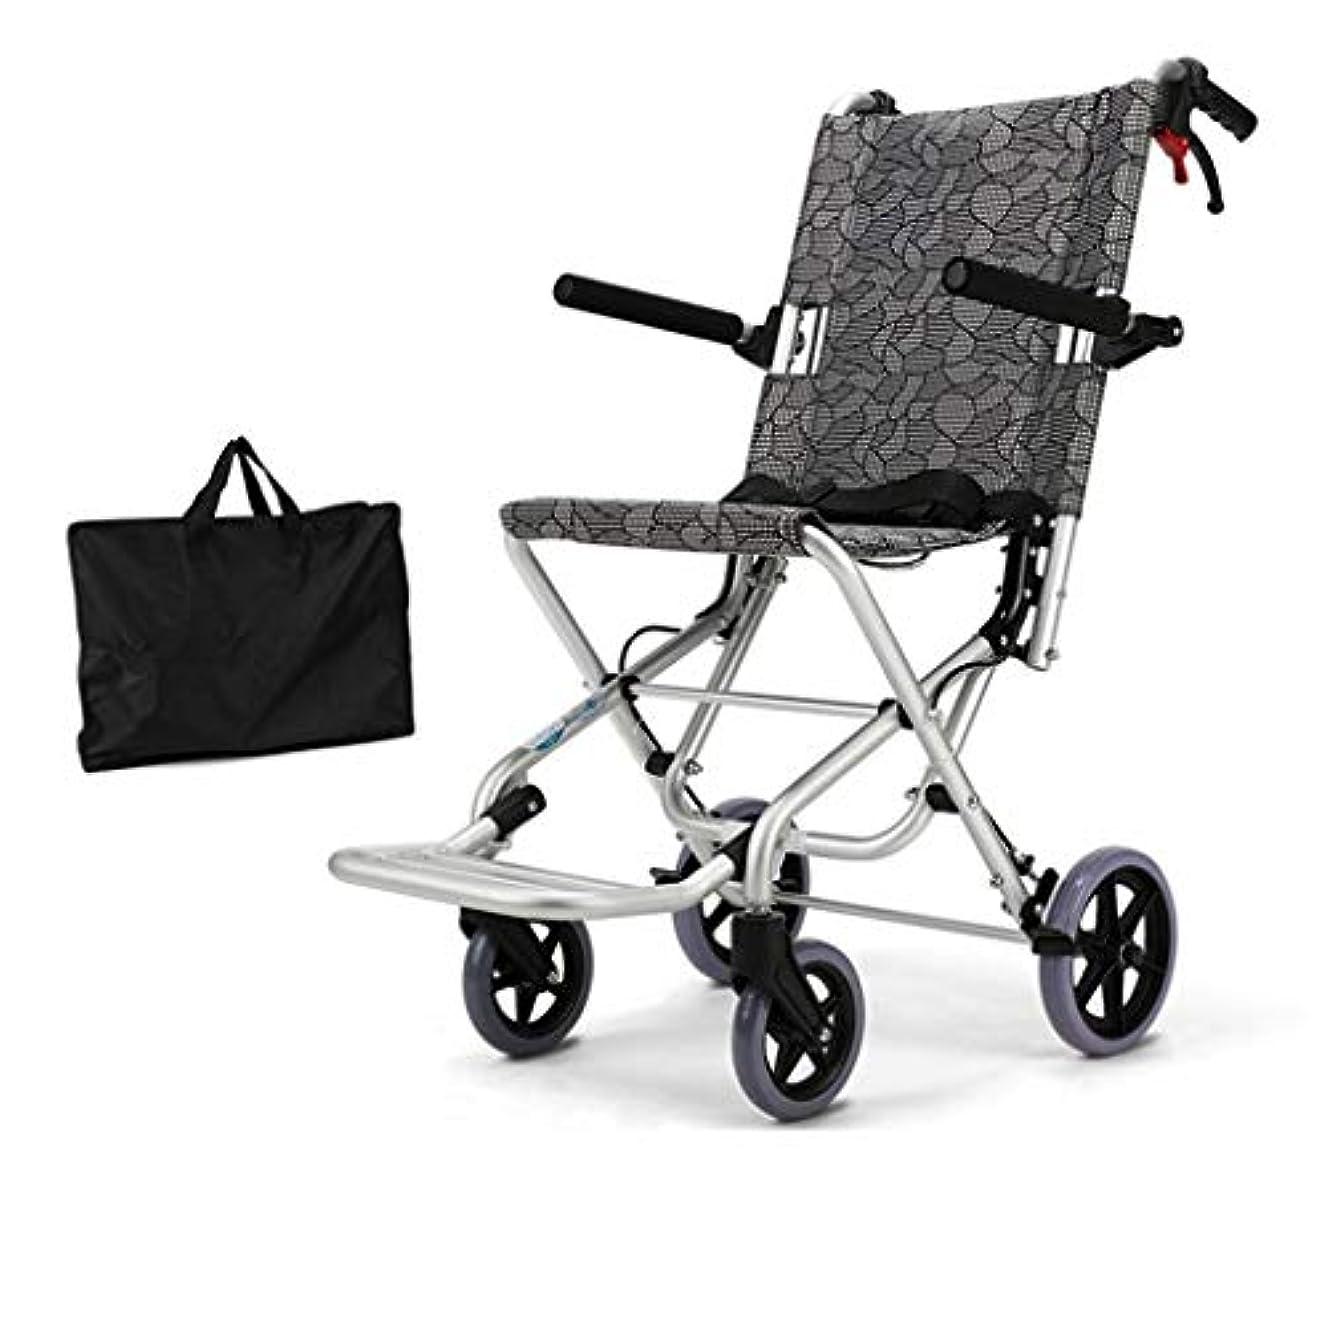 ブルゴーニュくつろぎごちそう車椅子用アルミニウム合金折りたたみ式、高齢者障害者用ポータブルプッシュ車椅子